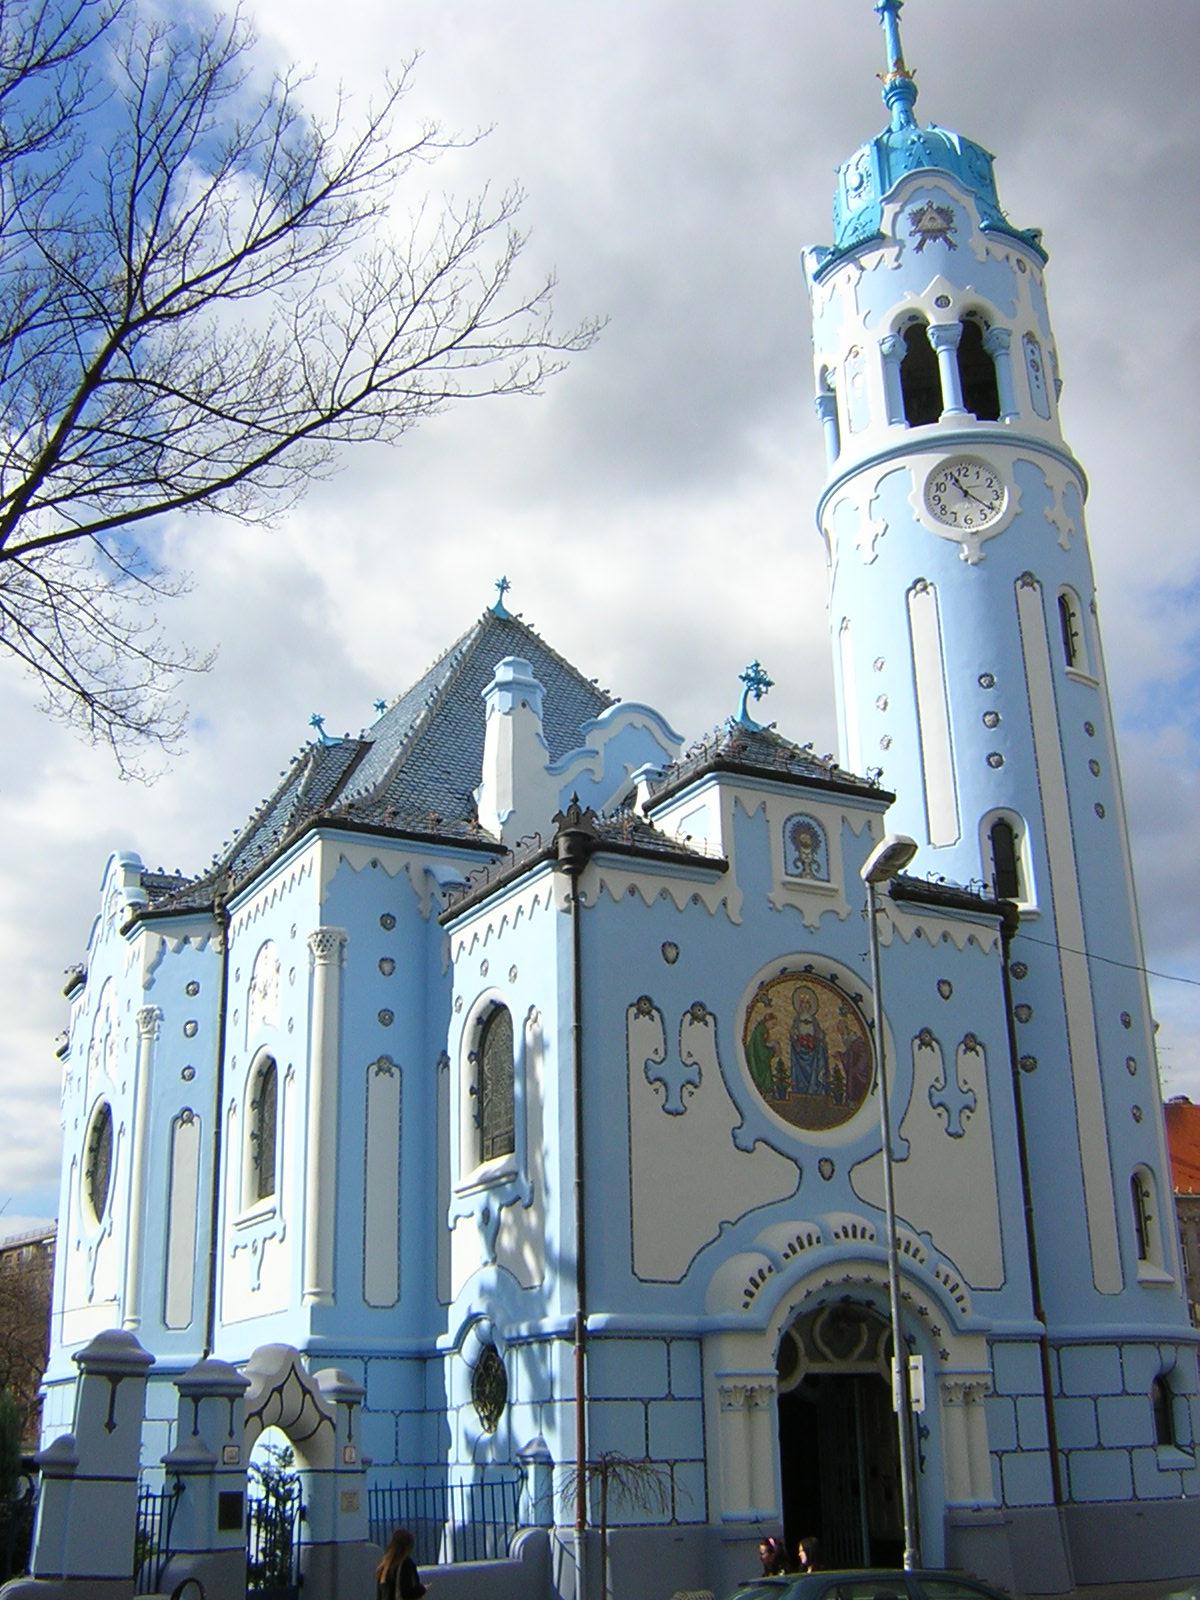 Blue Church Bratislava File:blue Church Bratislava